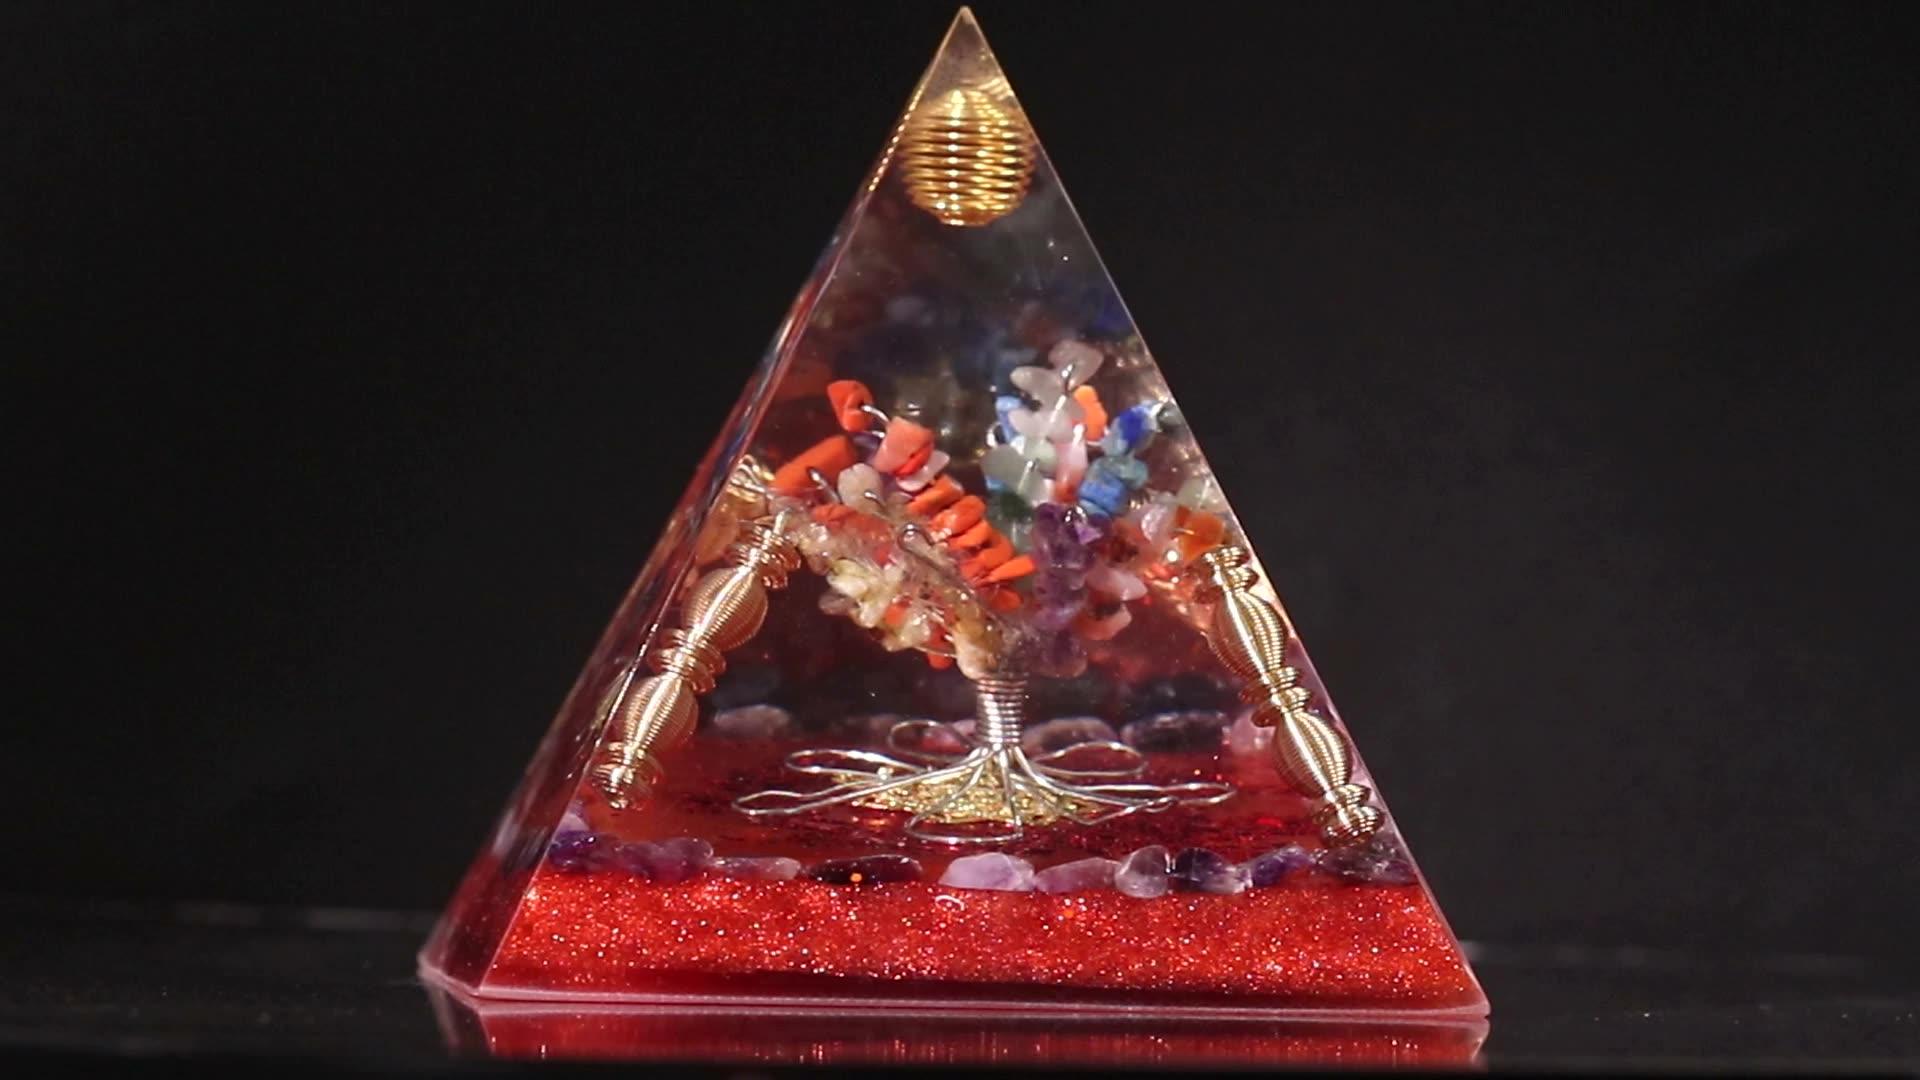 Дропшиппинг натуральный камень Рейки Исцеление энергии Древо жизни Orgonite декоративные каучуковые чакра Orgonite пирамиды